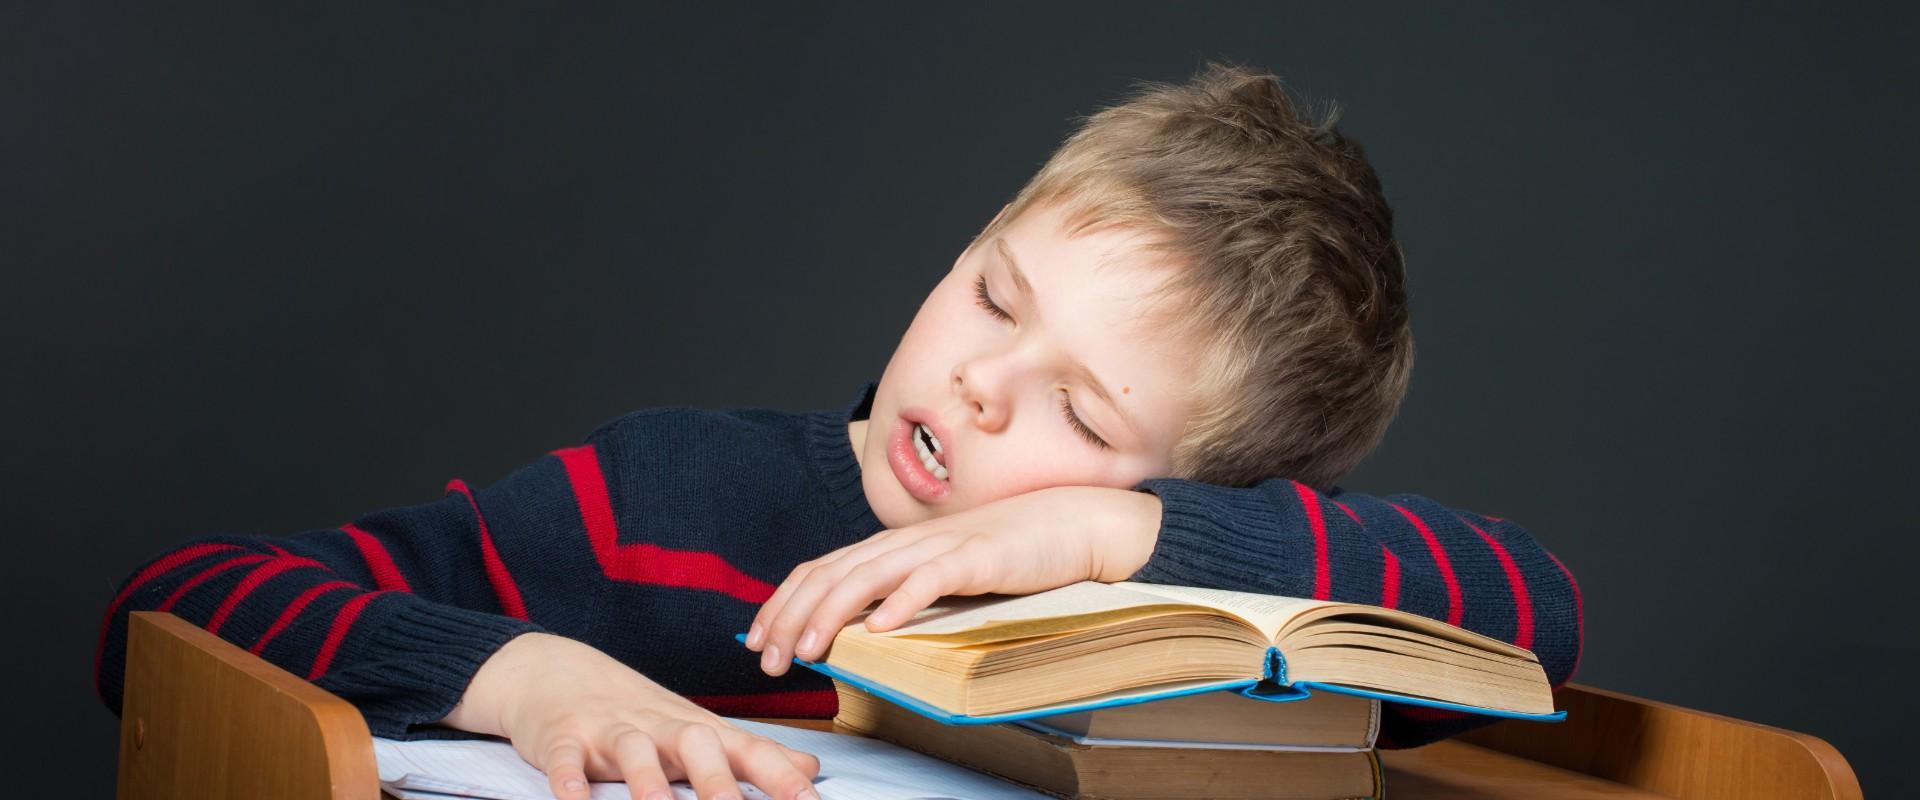 ¿Sabías que dormir en la escuela mejora las calificaciones?